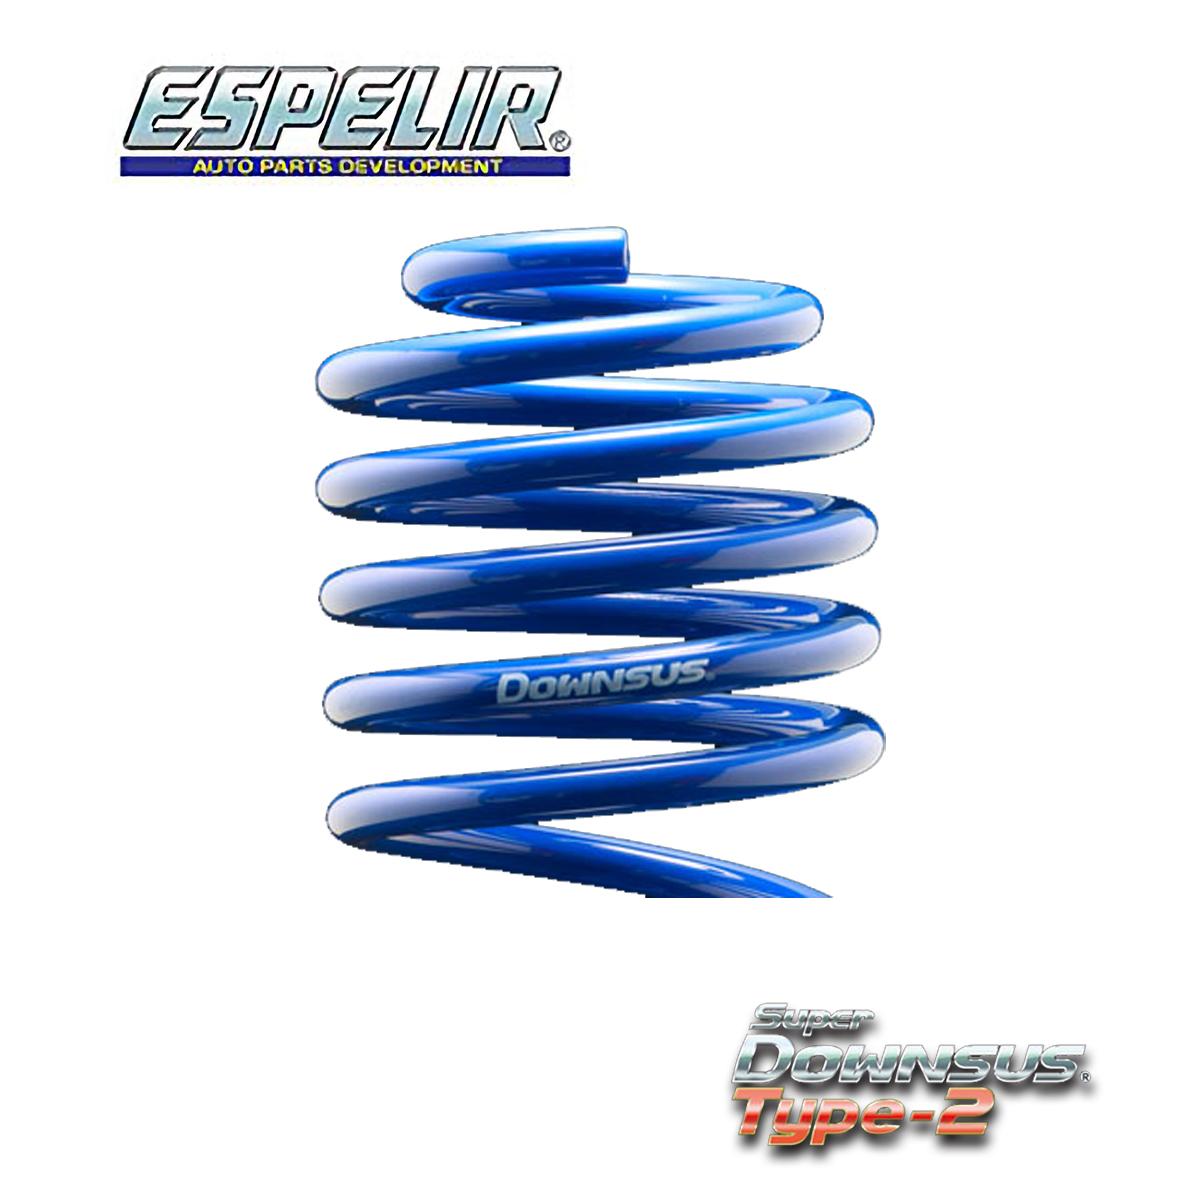 エスペリア セレナ HC26 S-ハイブリッド スプリング ダウンサス リア リア ESN-1491R スーパーダウンサス タイプ2 Super DOWNSUS Type2 ESPELIR